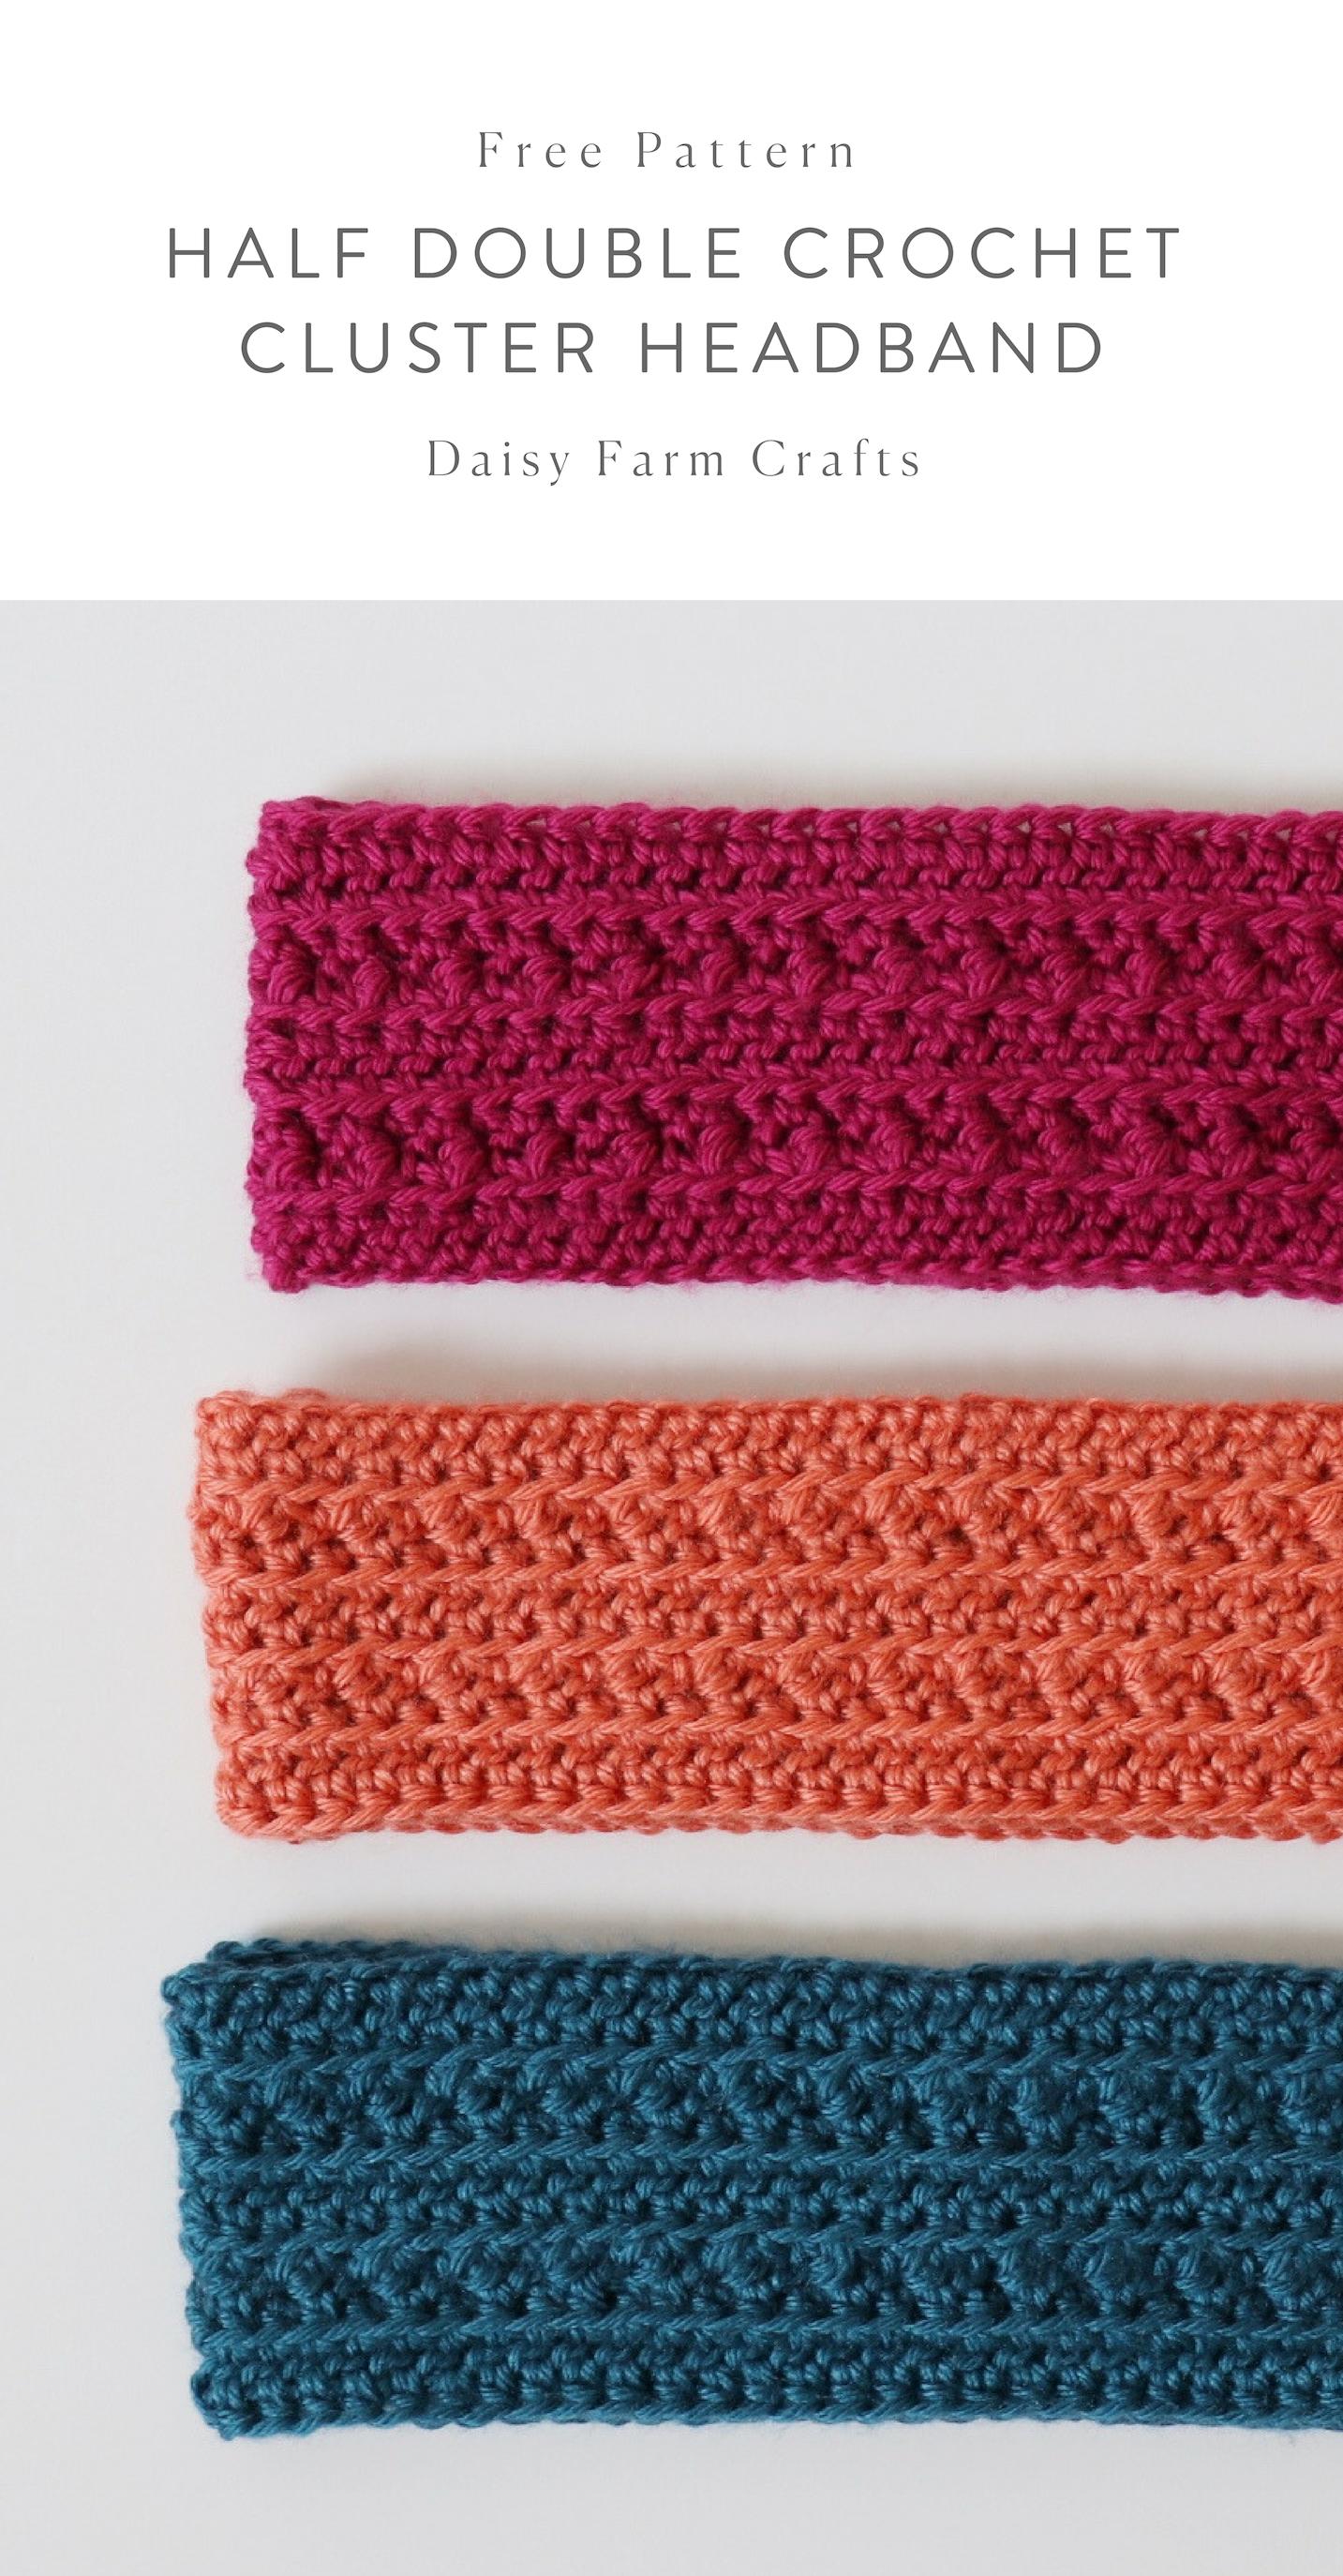 Free Pattern - Half Double Crochet Cluster Headband #crochetheadbandpattern